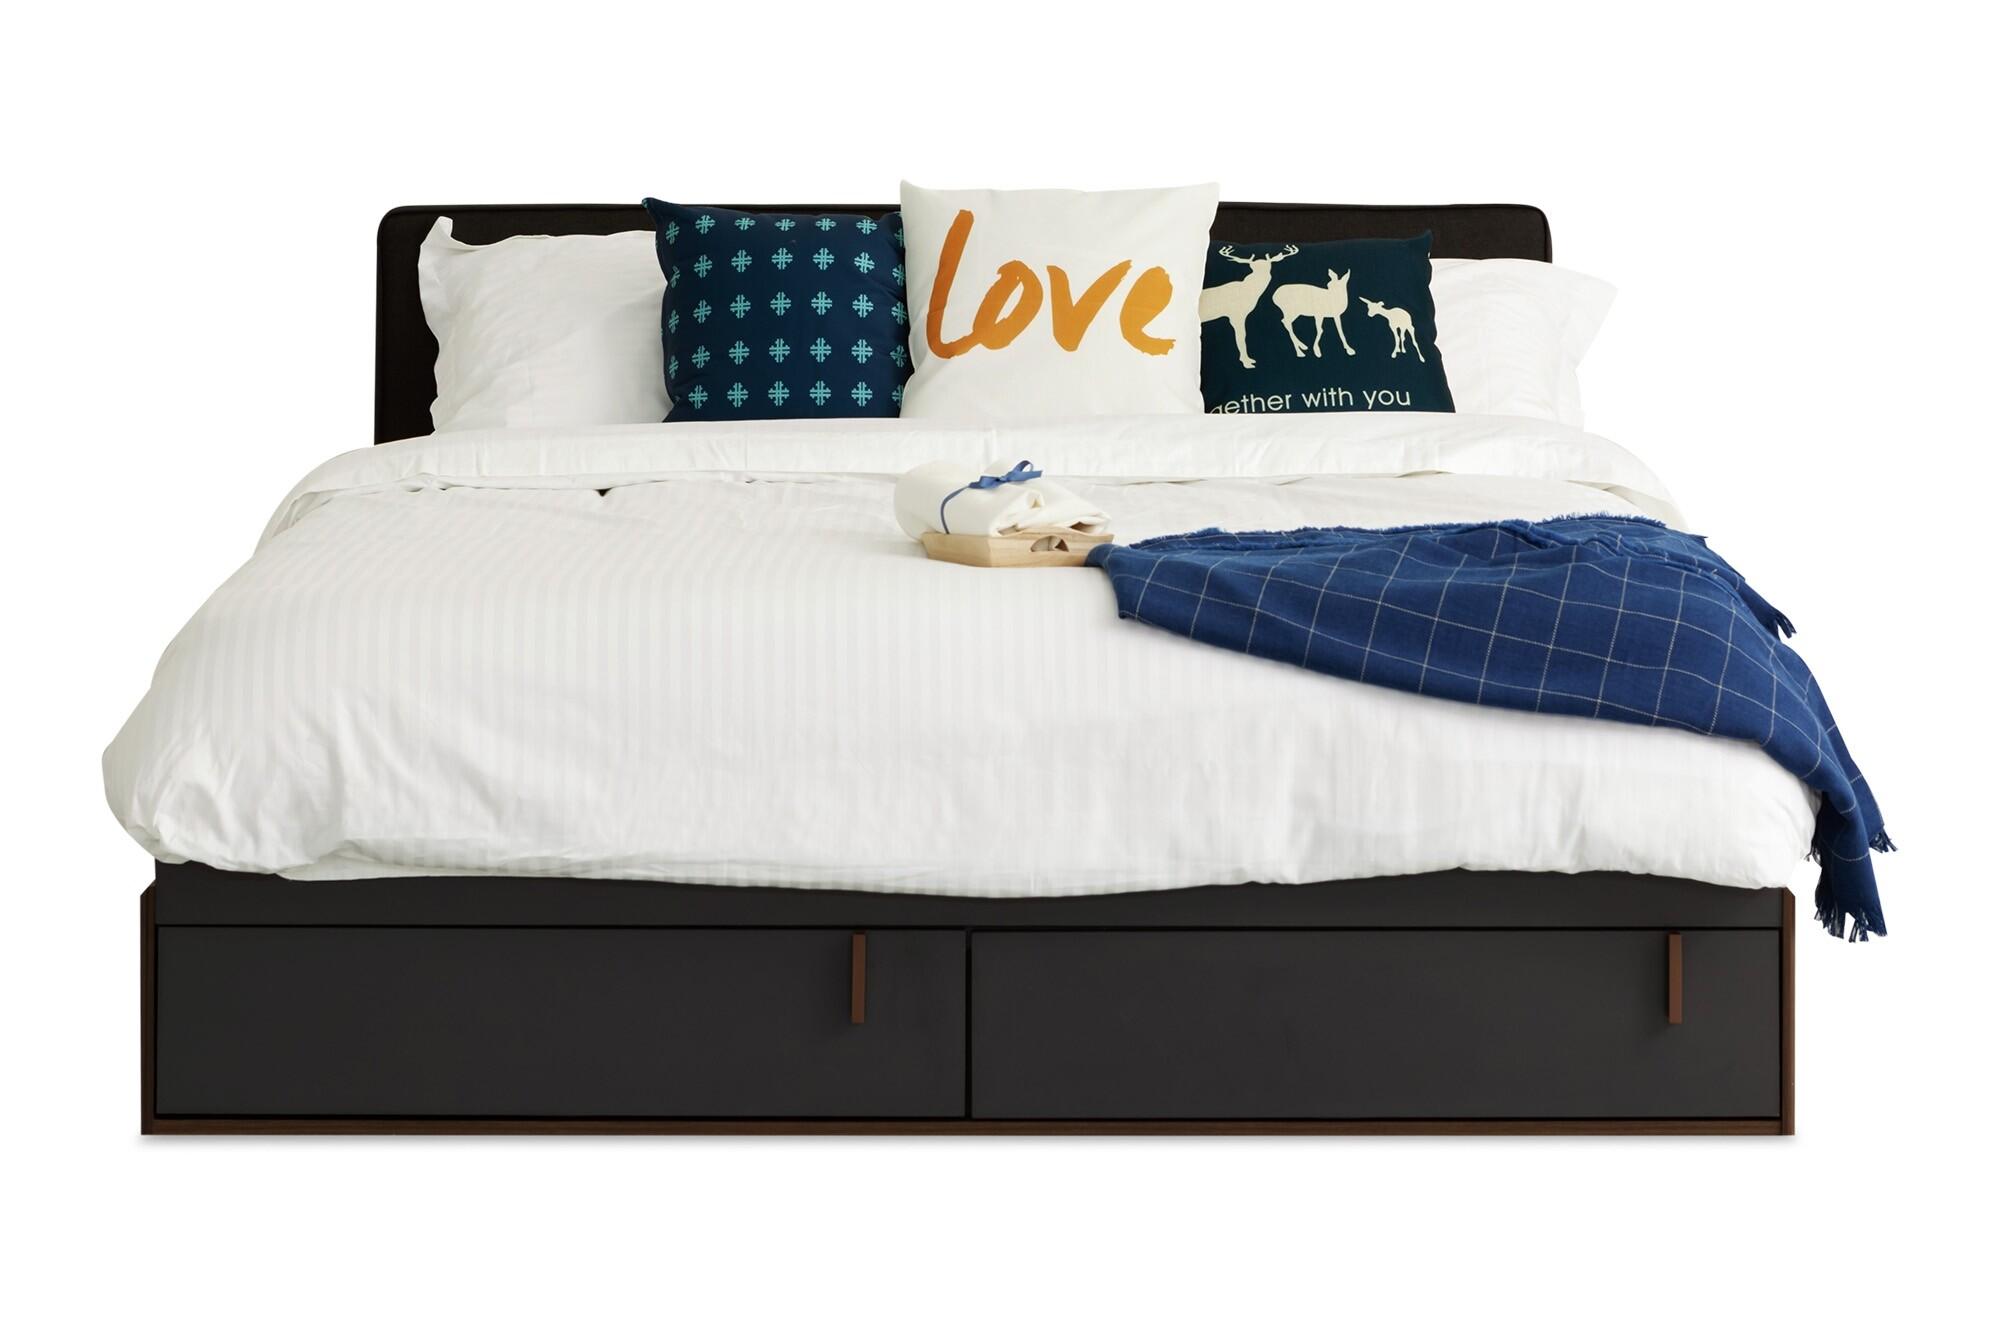 Ashry king size bed beds bedroom furniture sets - King size bedroom sets with mattress ...